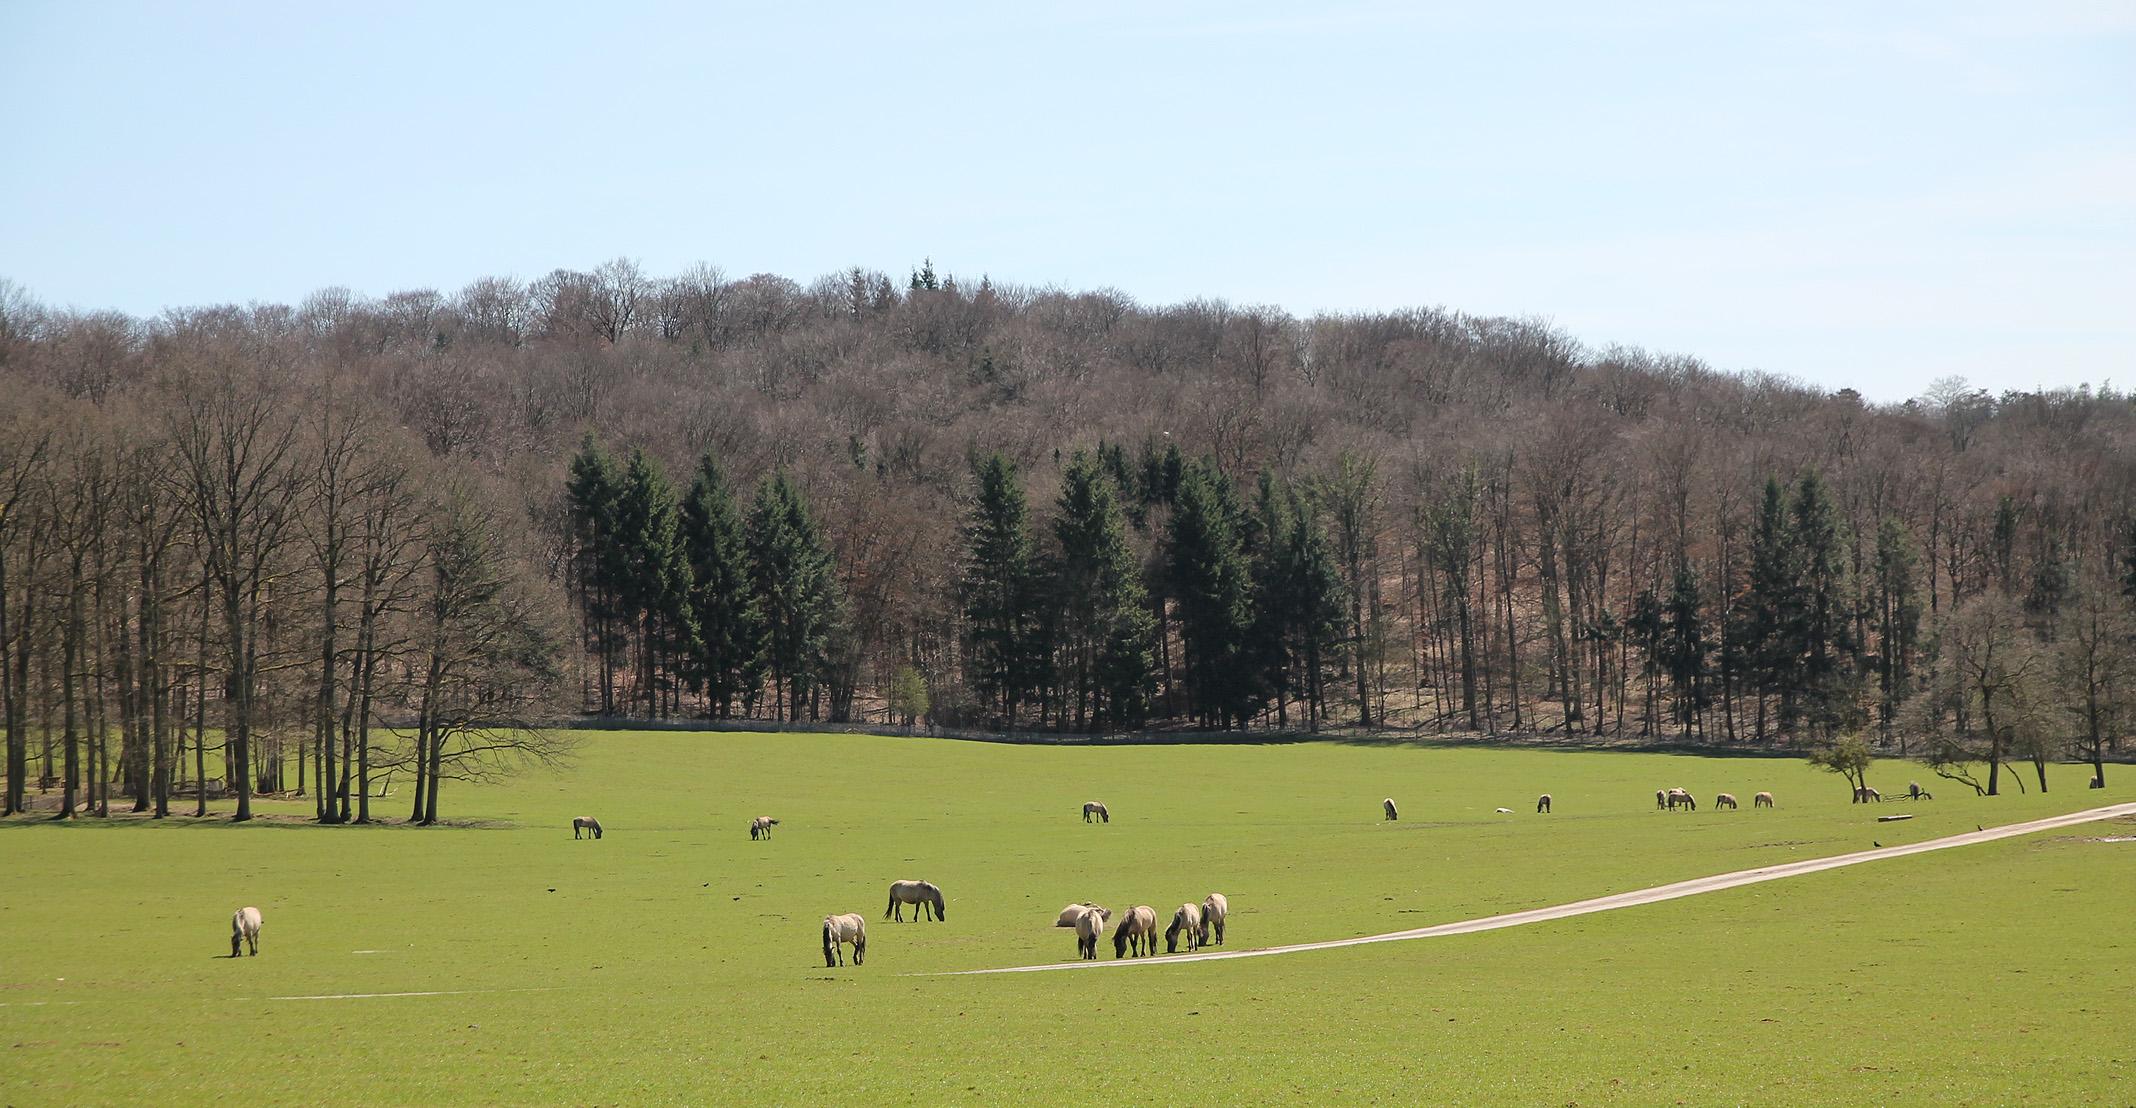 Free-roaming Tarpan horses.